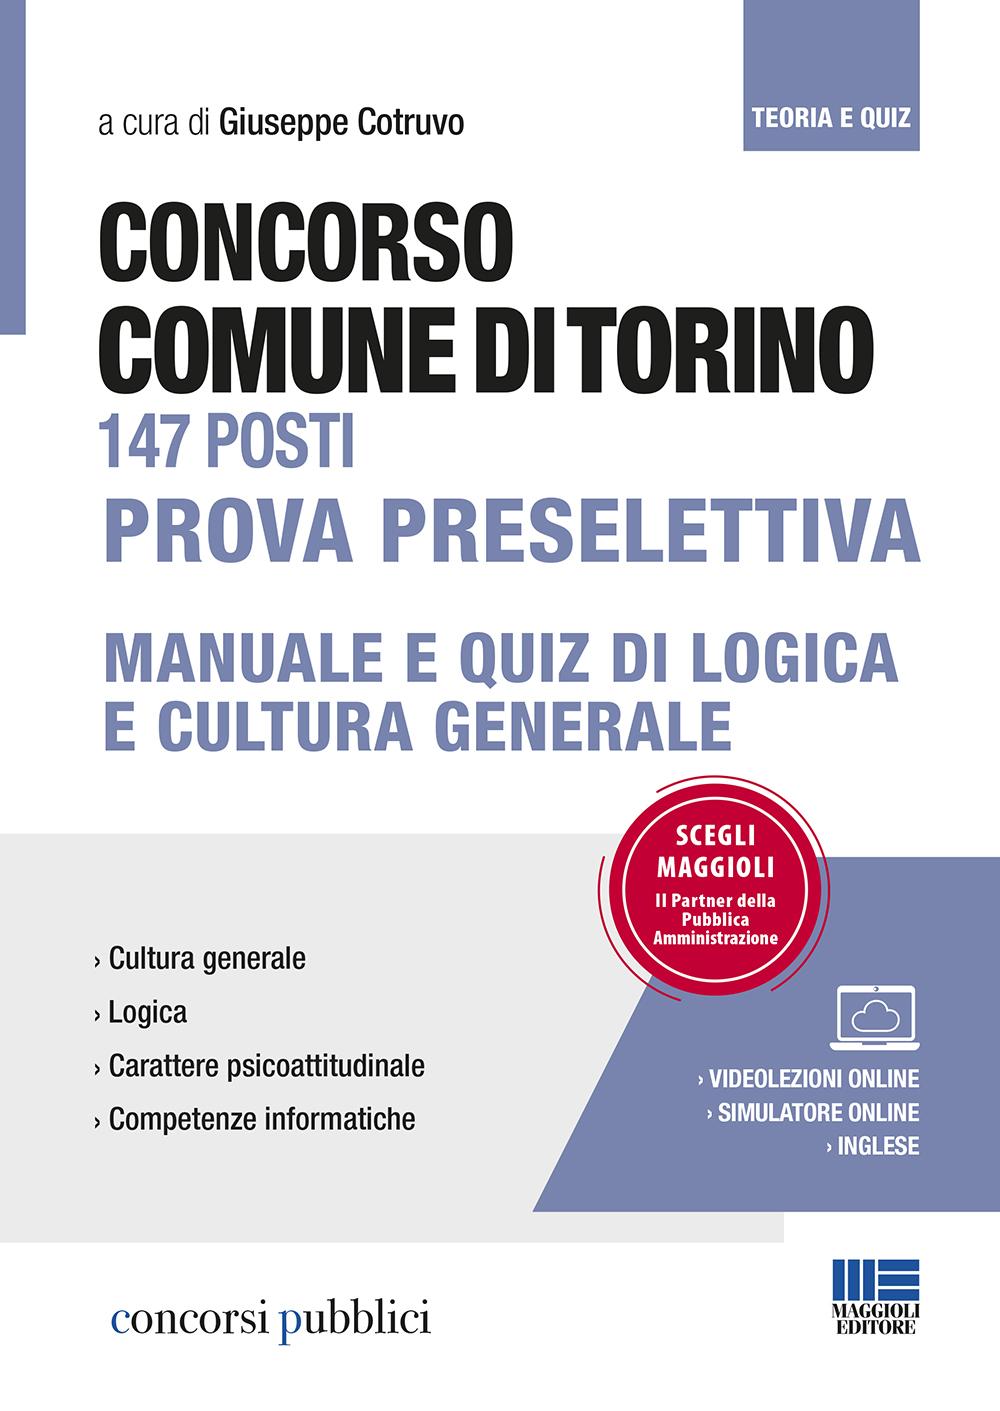 Concorso Comune di Torino 147 posti Manuale e Quiz